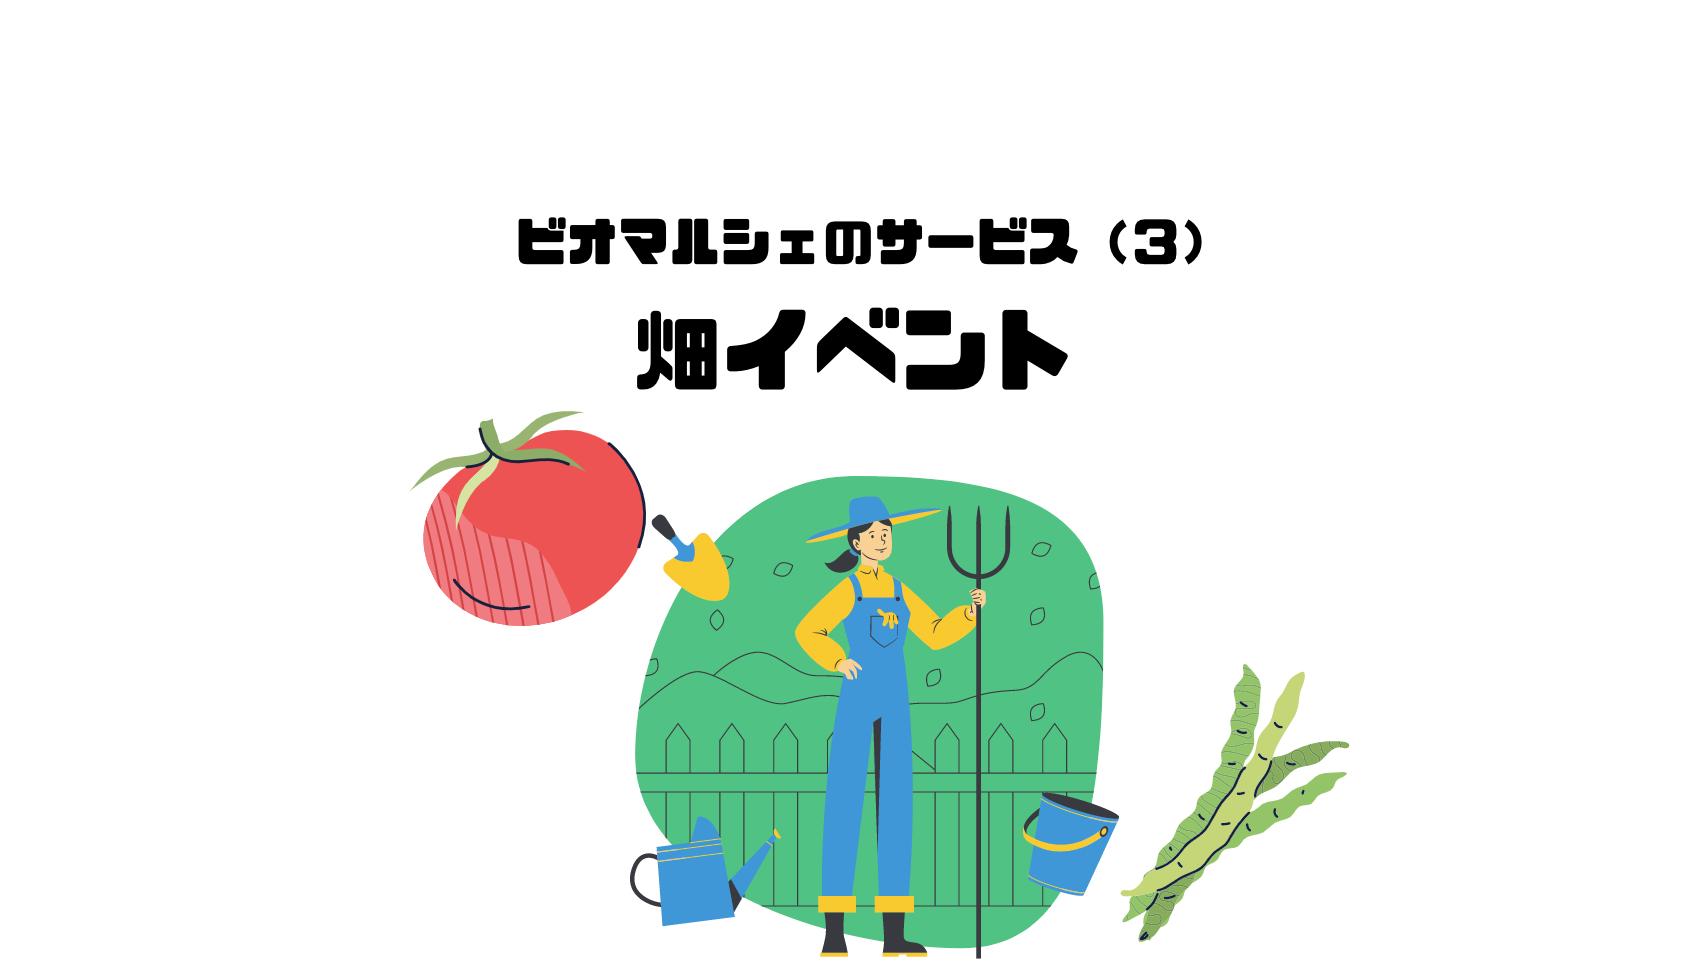 ビオマルシェ_評判_口コミ_サービス_畑サービス